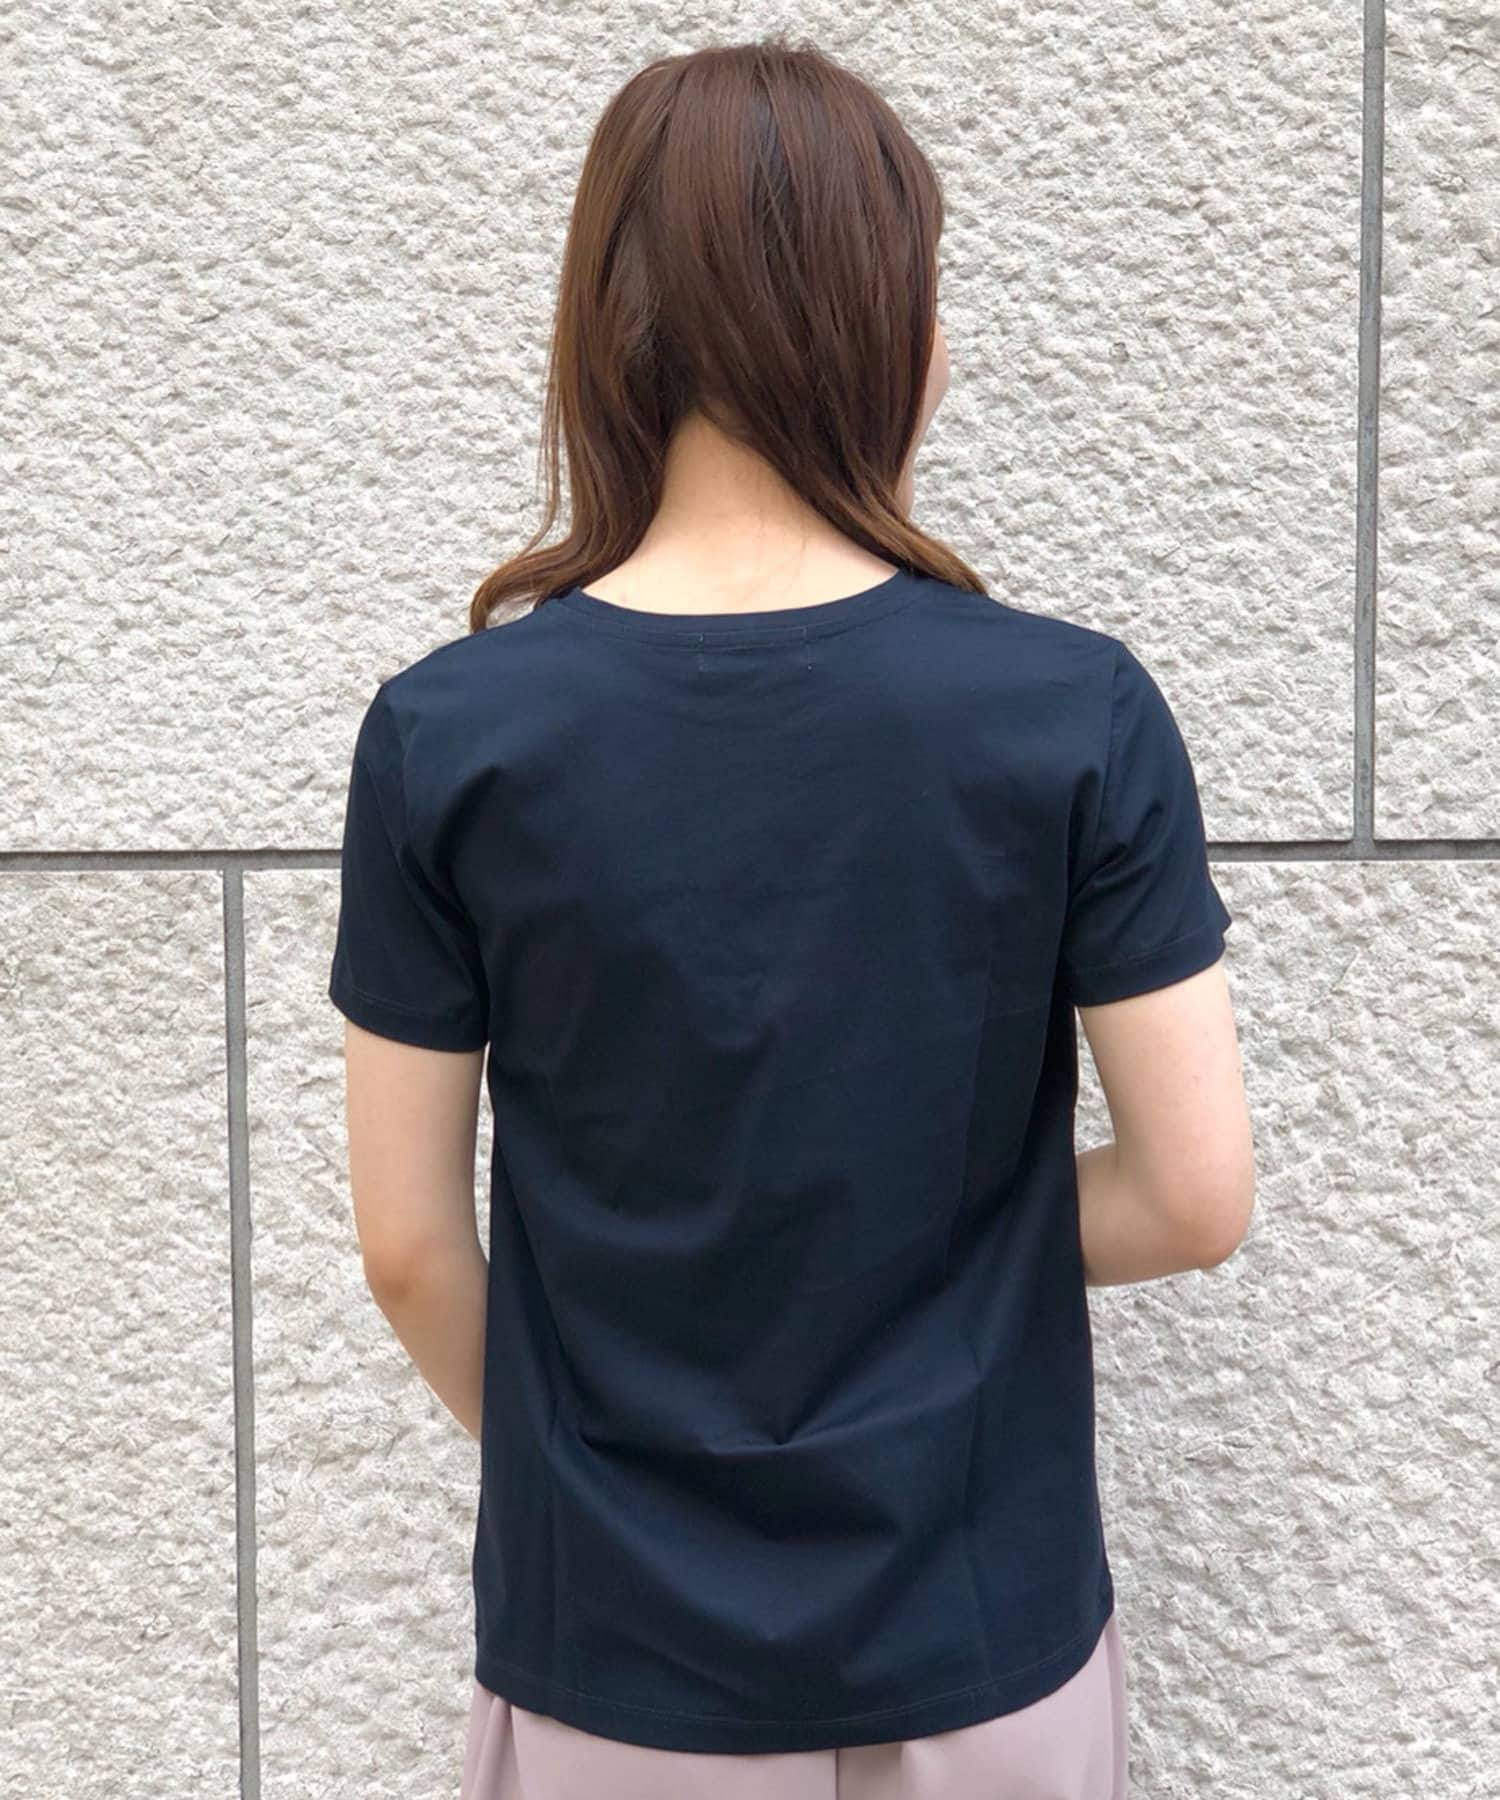 RIVE DROITE(リヴドロワ) 【大人のシンプルTシャツ】コンパクトヤーンクルーTシャツ